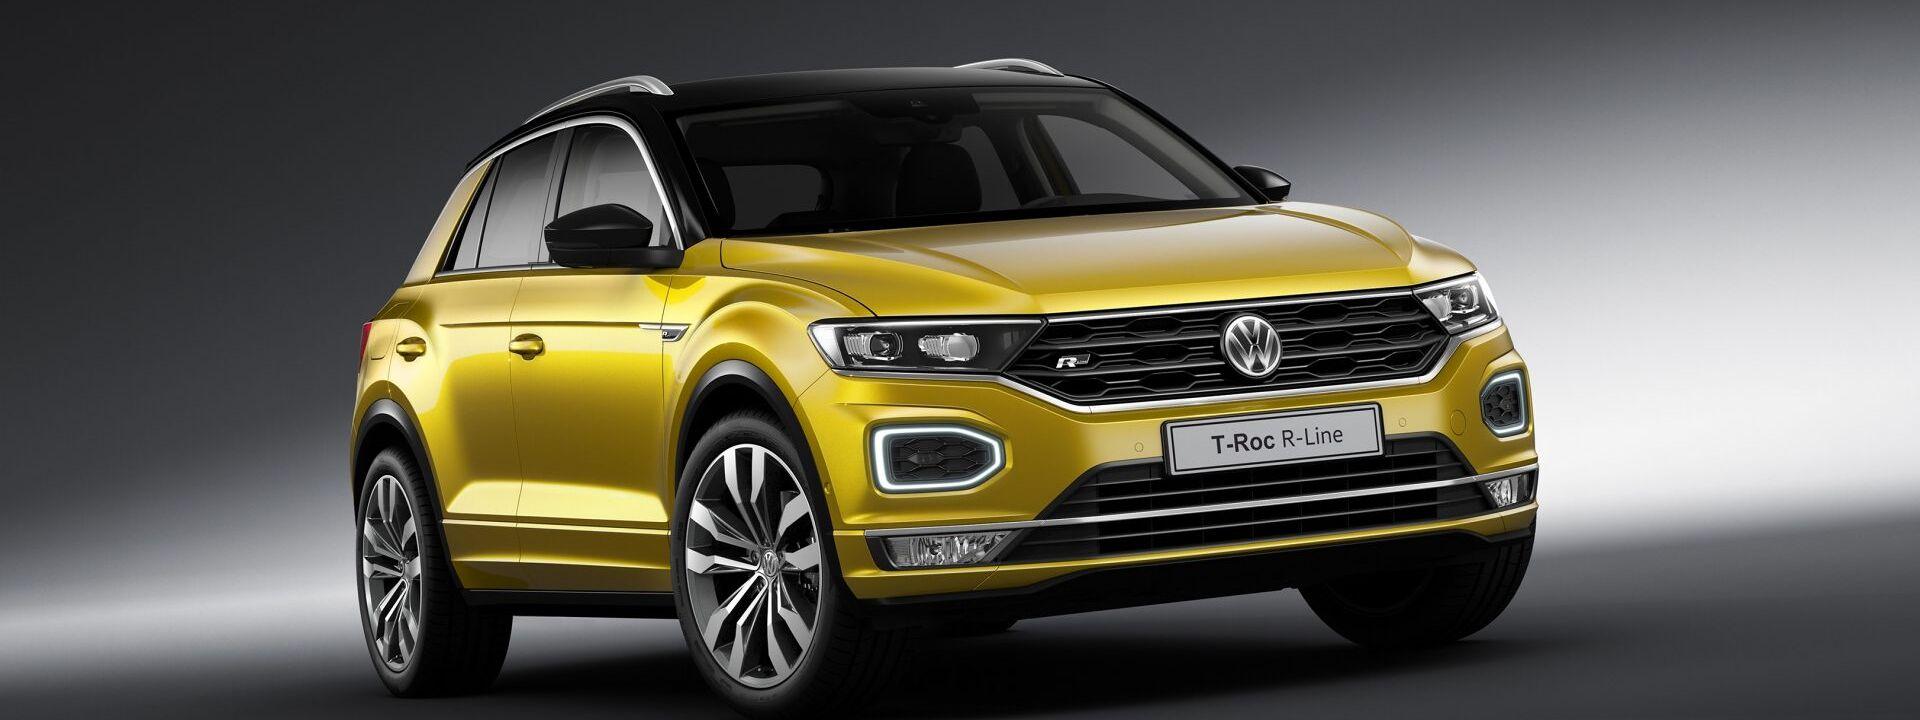 VW Passenger